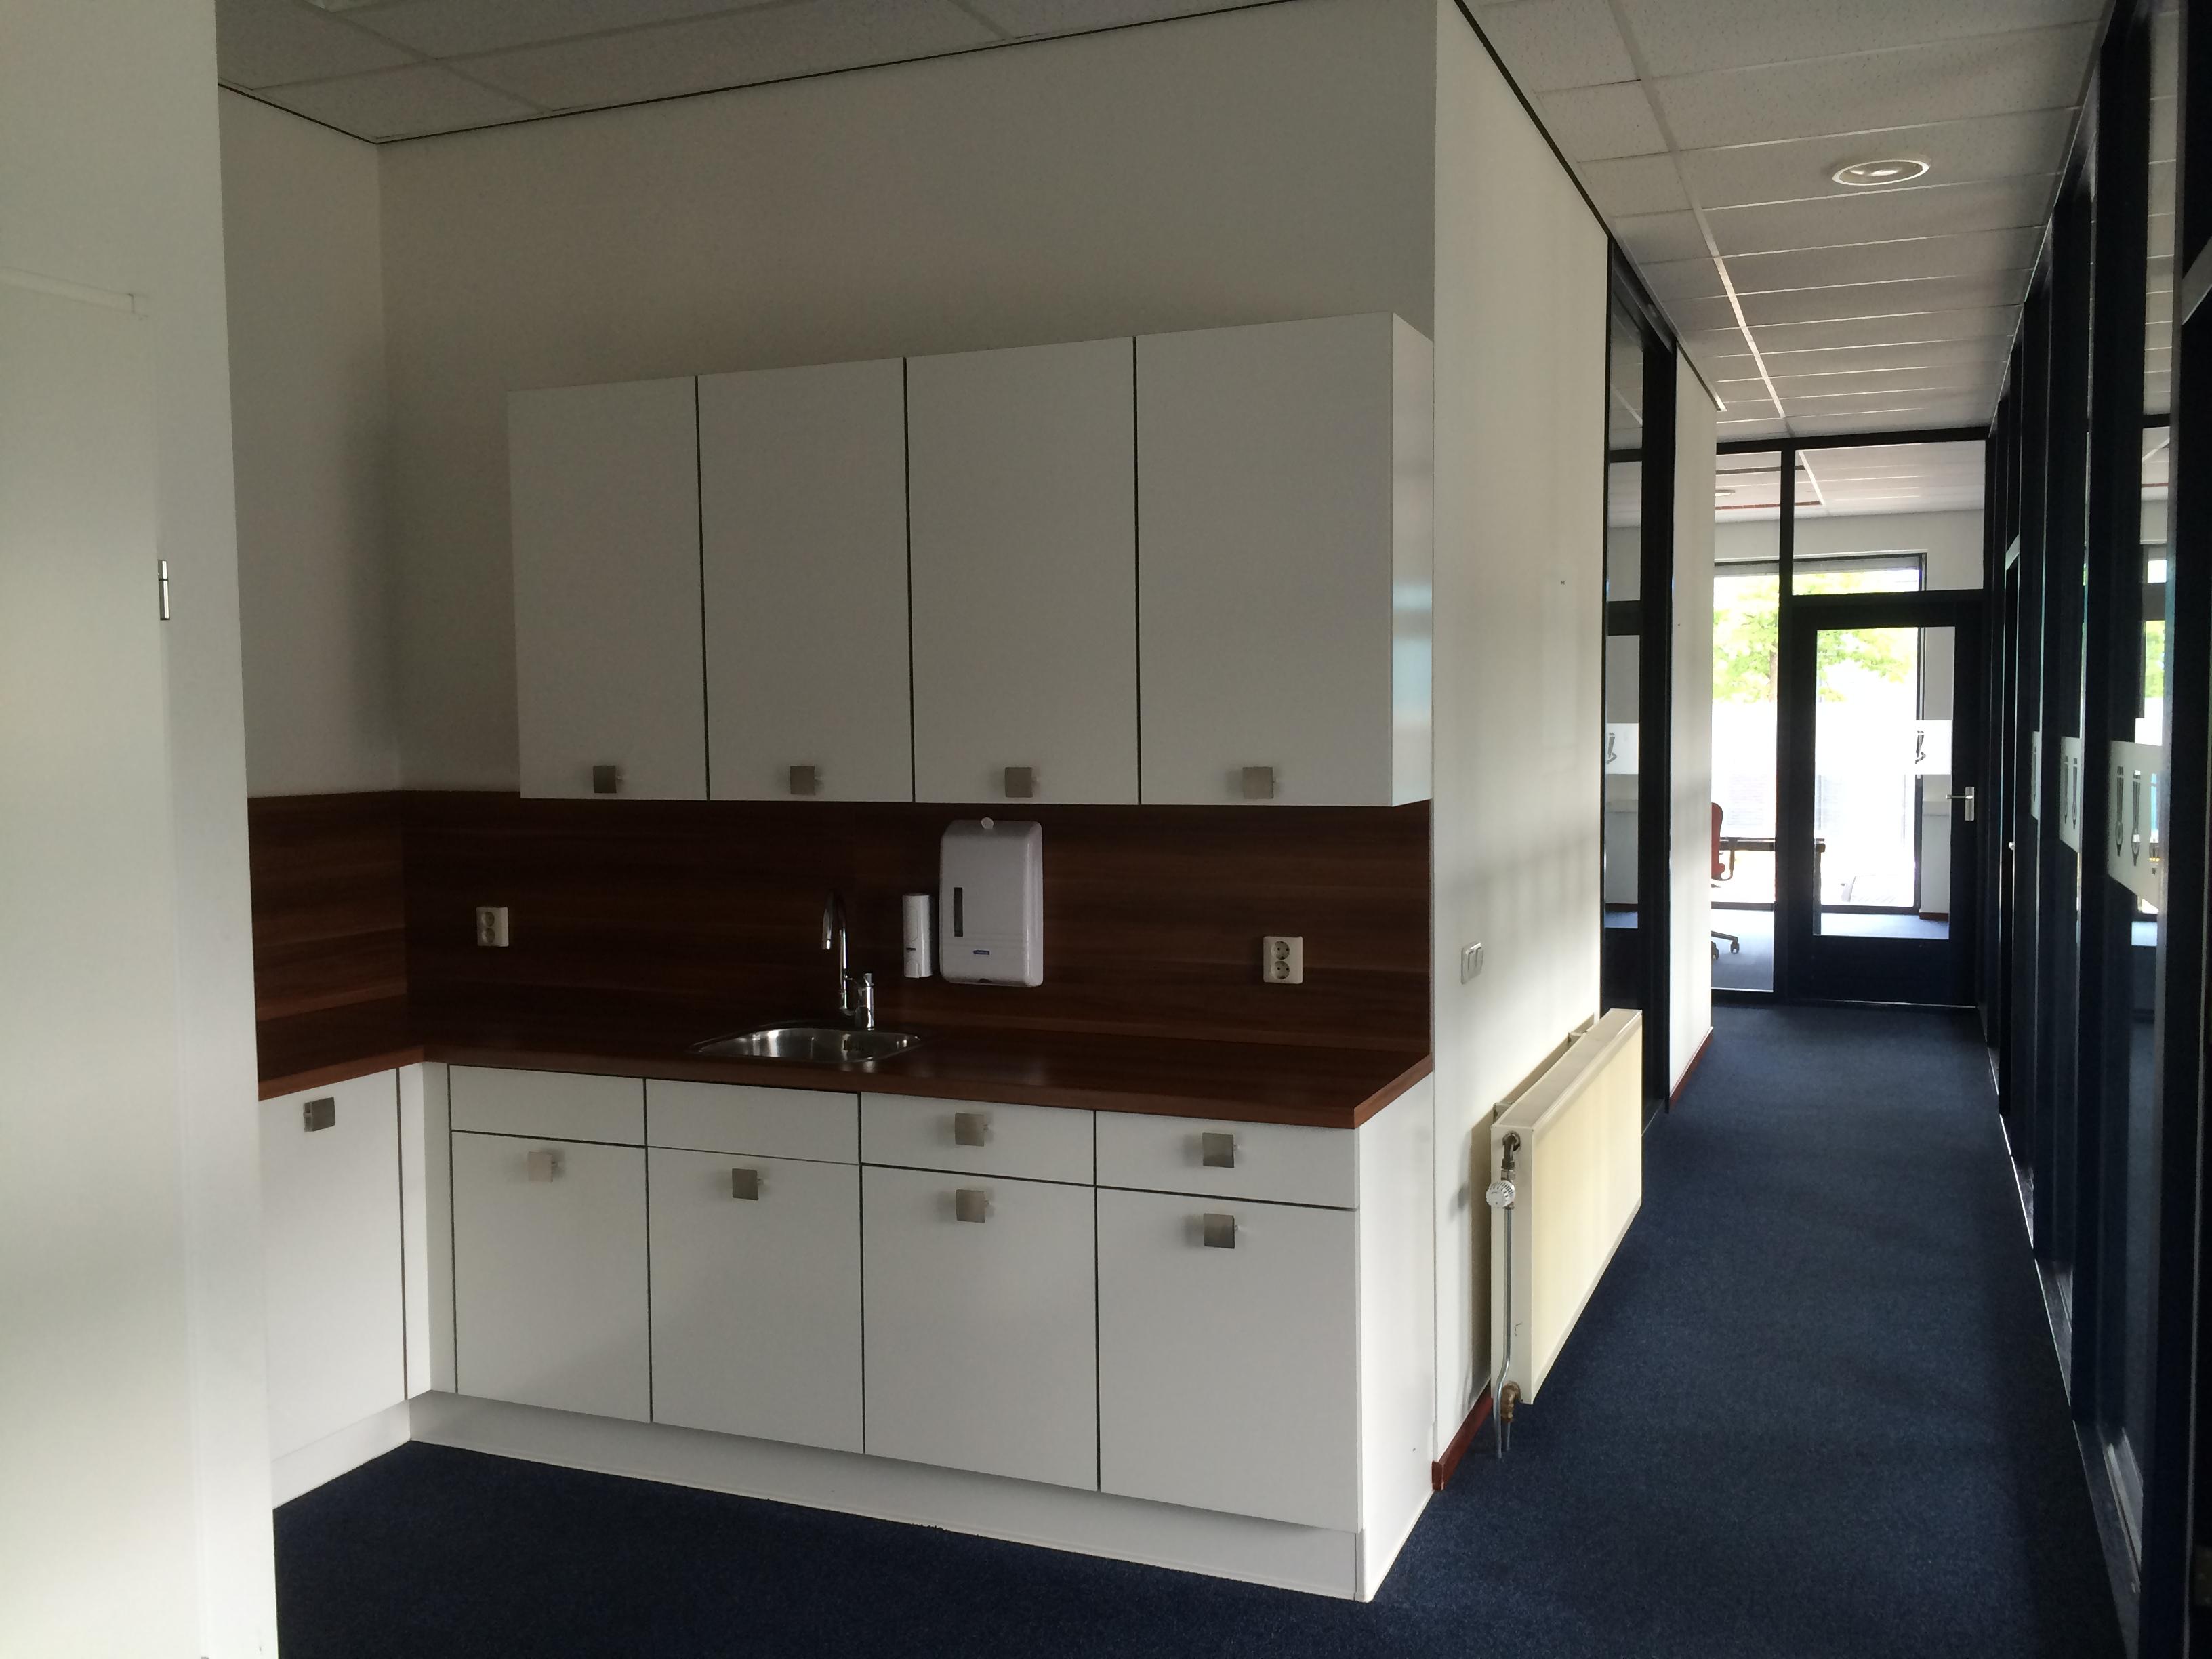 Bedrijfsruimte Goes Dr.A.F.Philipsstraat 13d kantoor 3